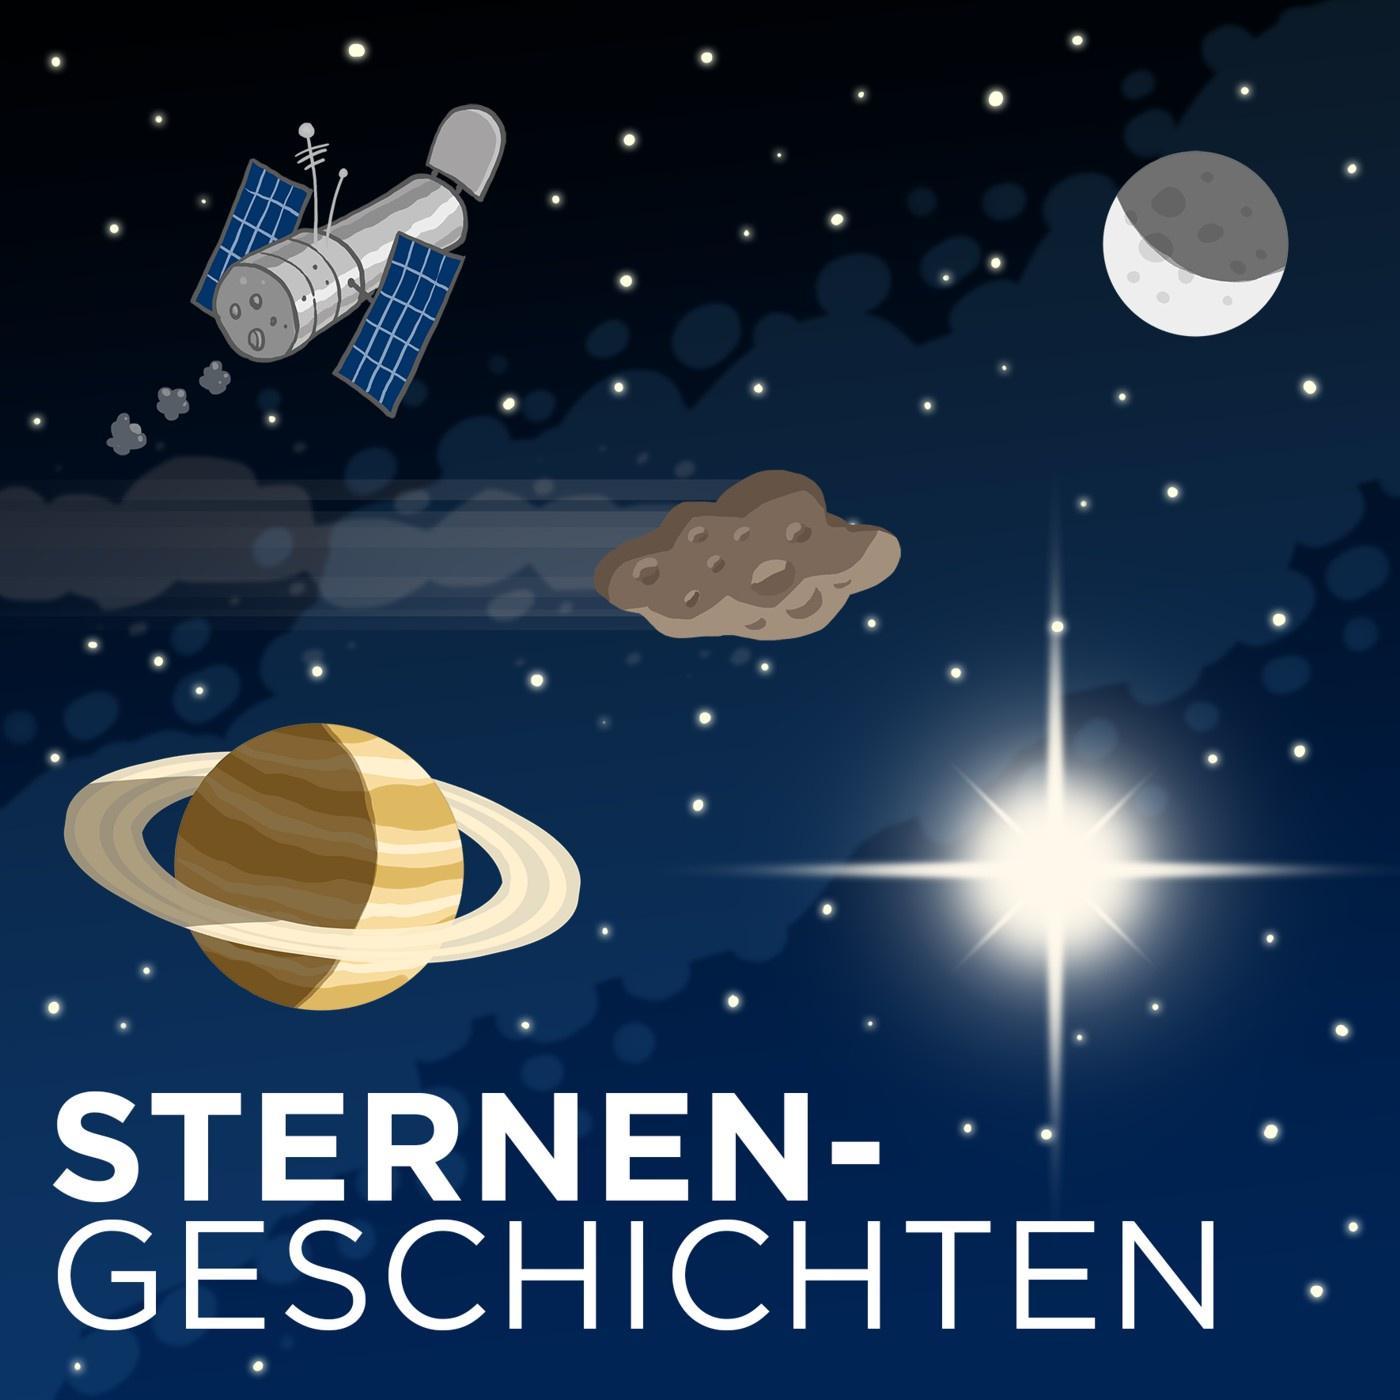 Sternengeschichten Folge 463: Waltraut Seitter: Die erste Astronomin Deutschlands und die Expansion des Universums